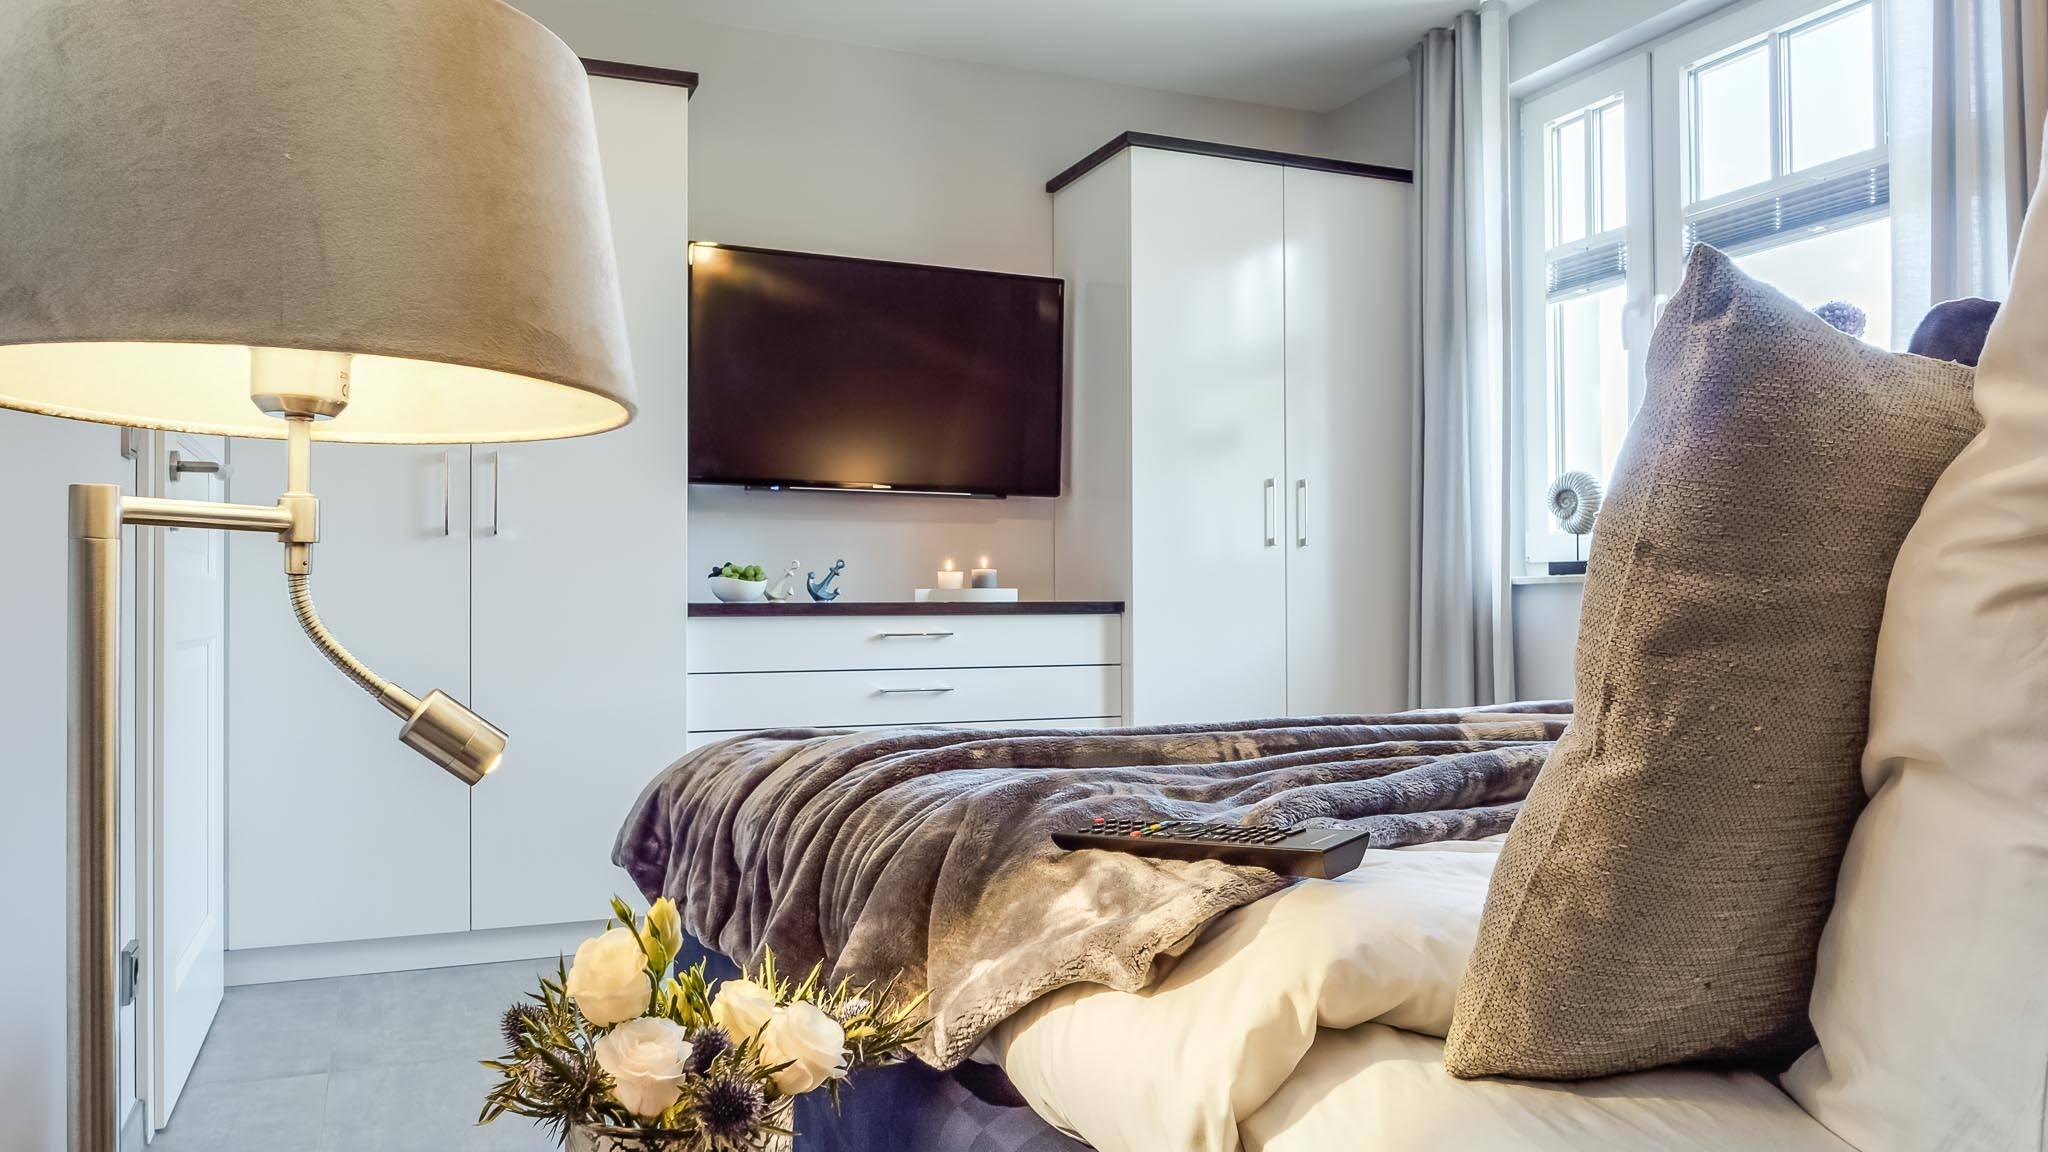 Ferienwohnung meerle 4 - Schlafzimmer